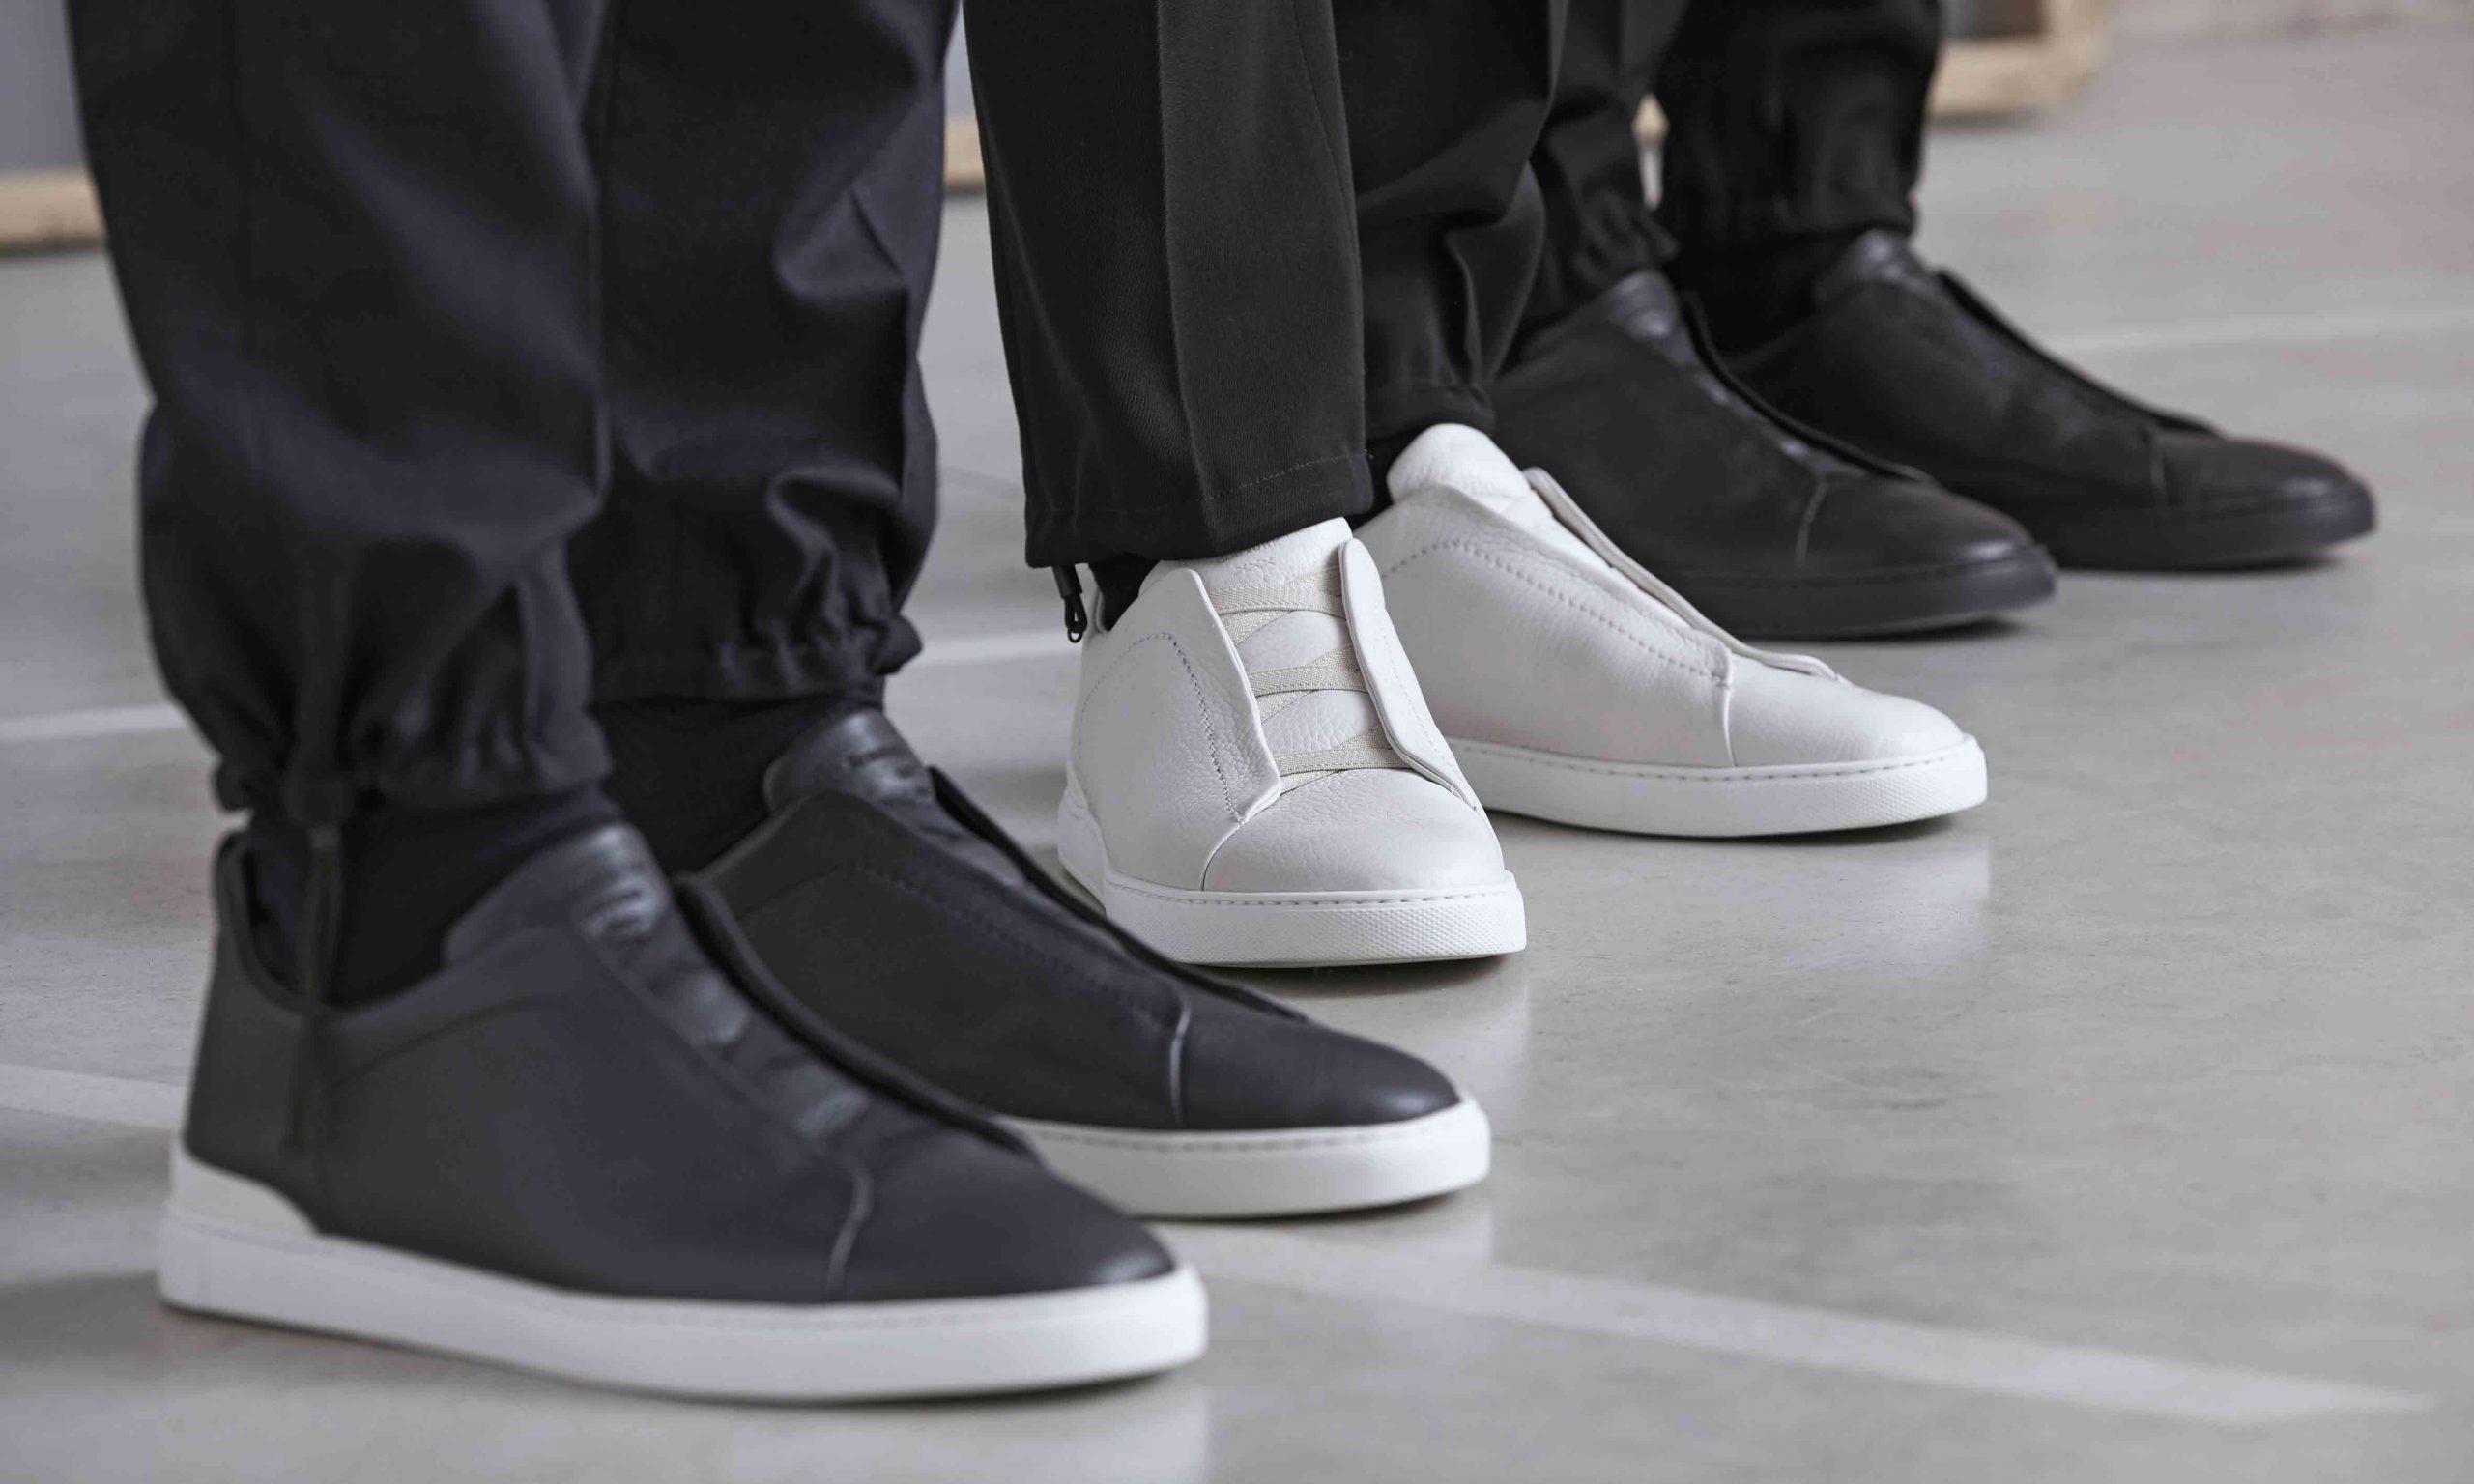 全新升级再次回归,杰尼亚 Triple Stitch 鞋履系列登场